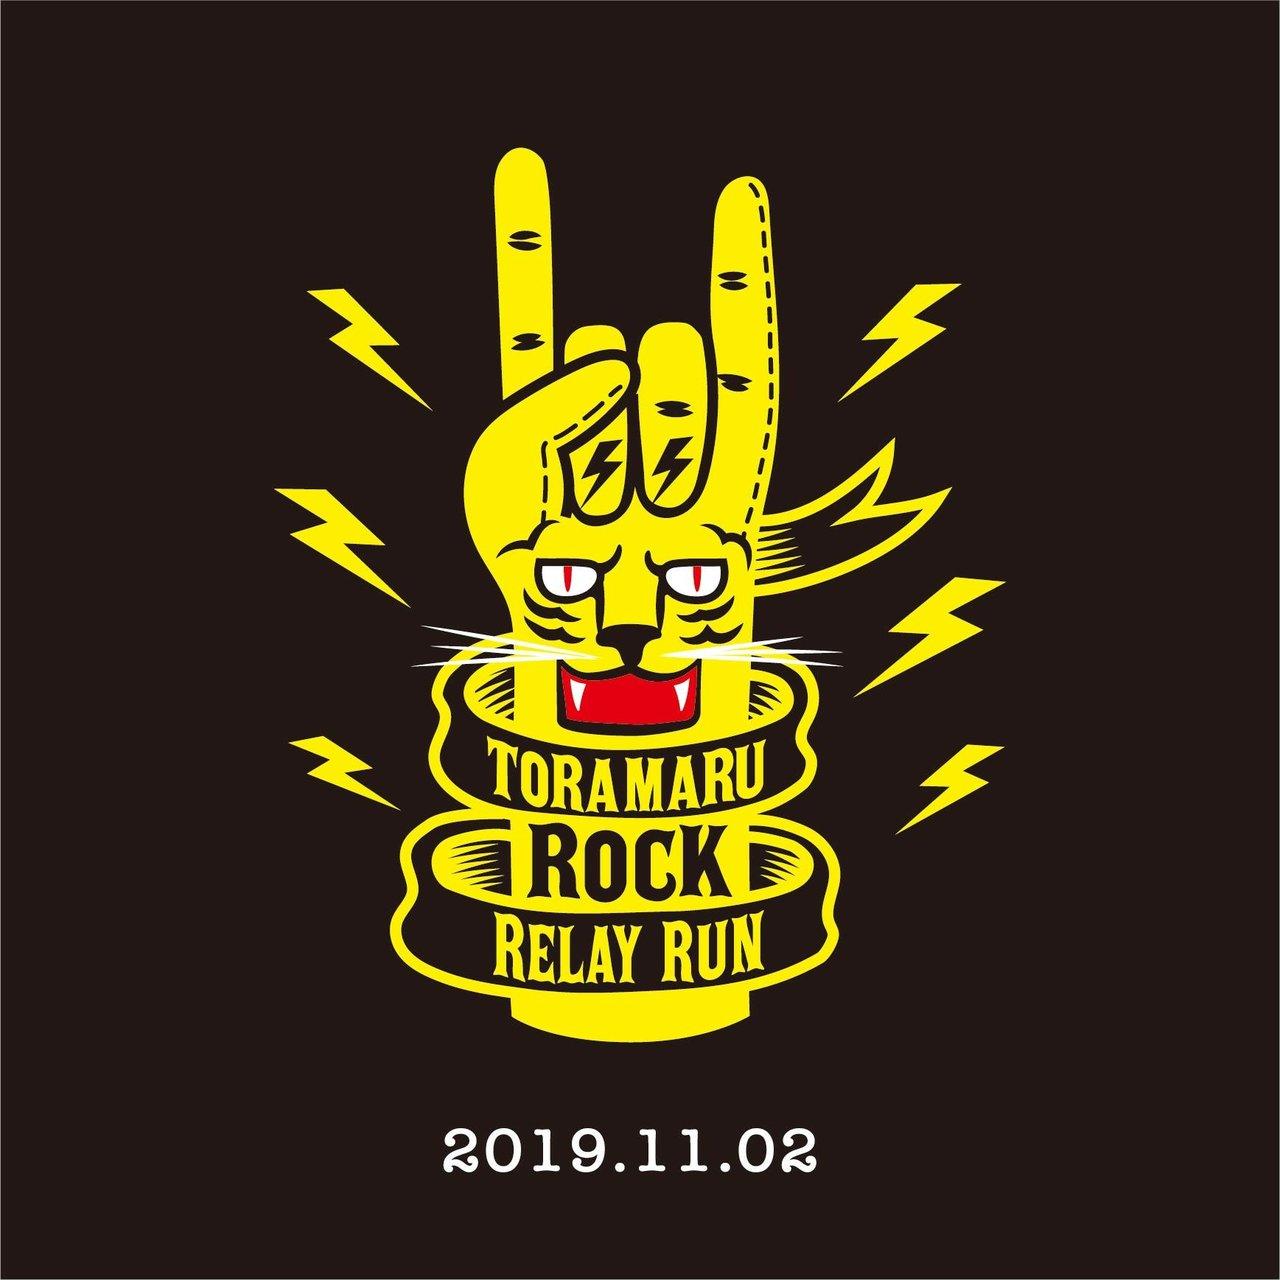 【大会情報】香川県東かがわ市 とらまるROCK RELAY RUN 2019